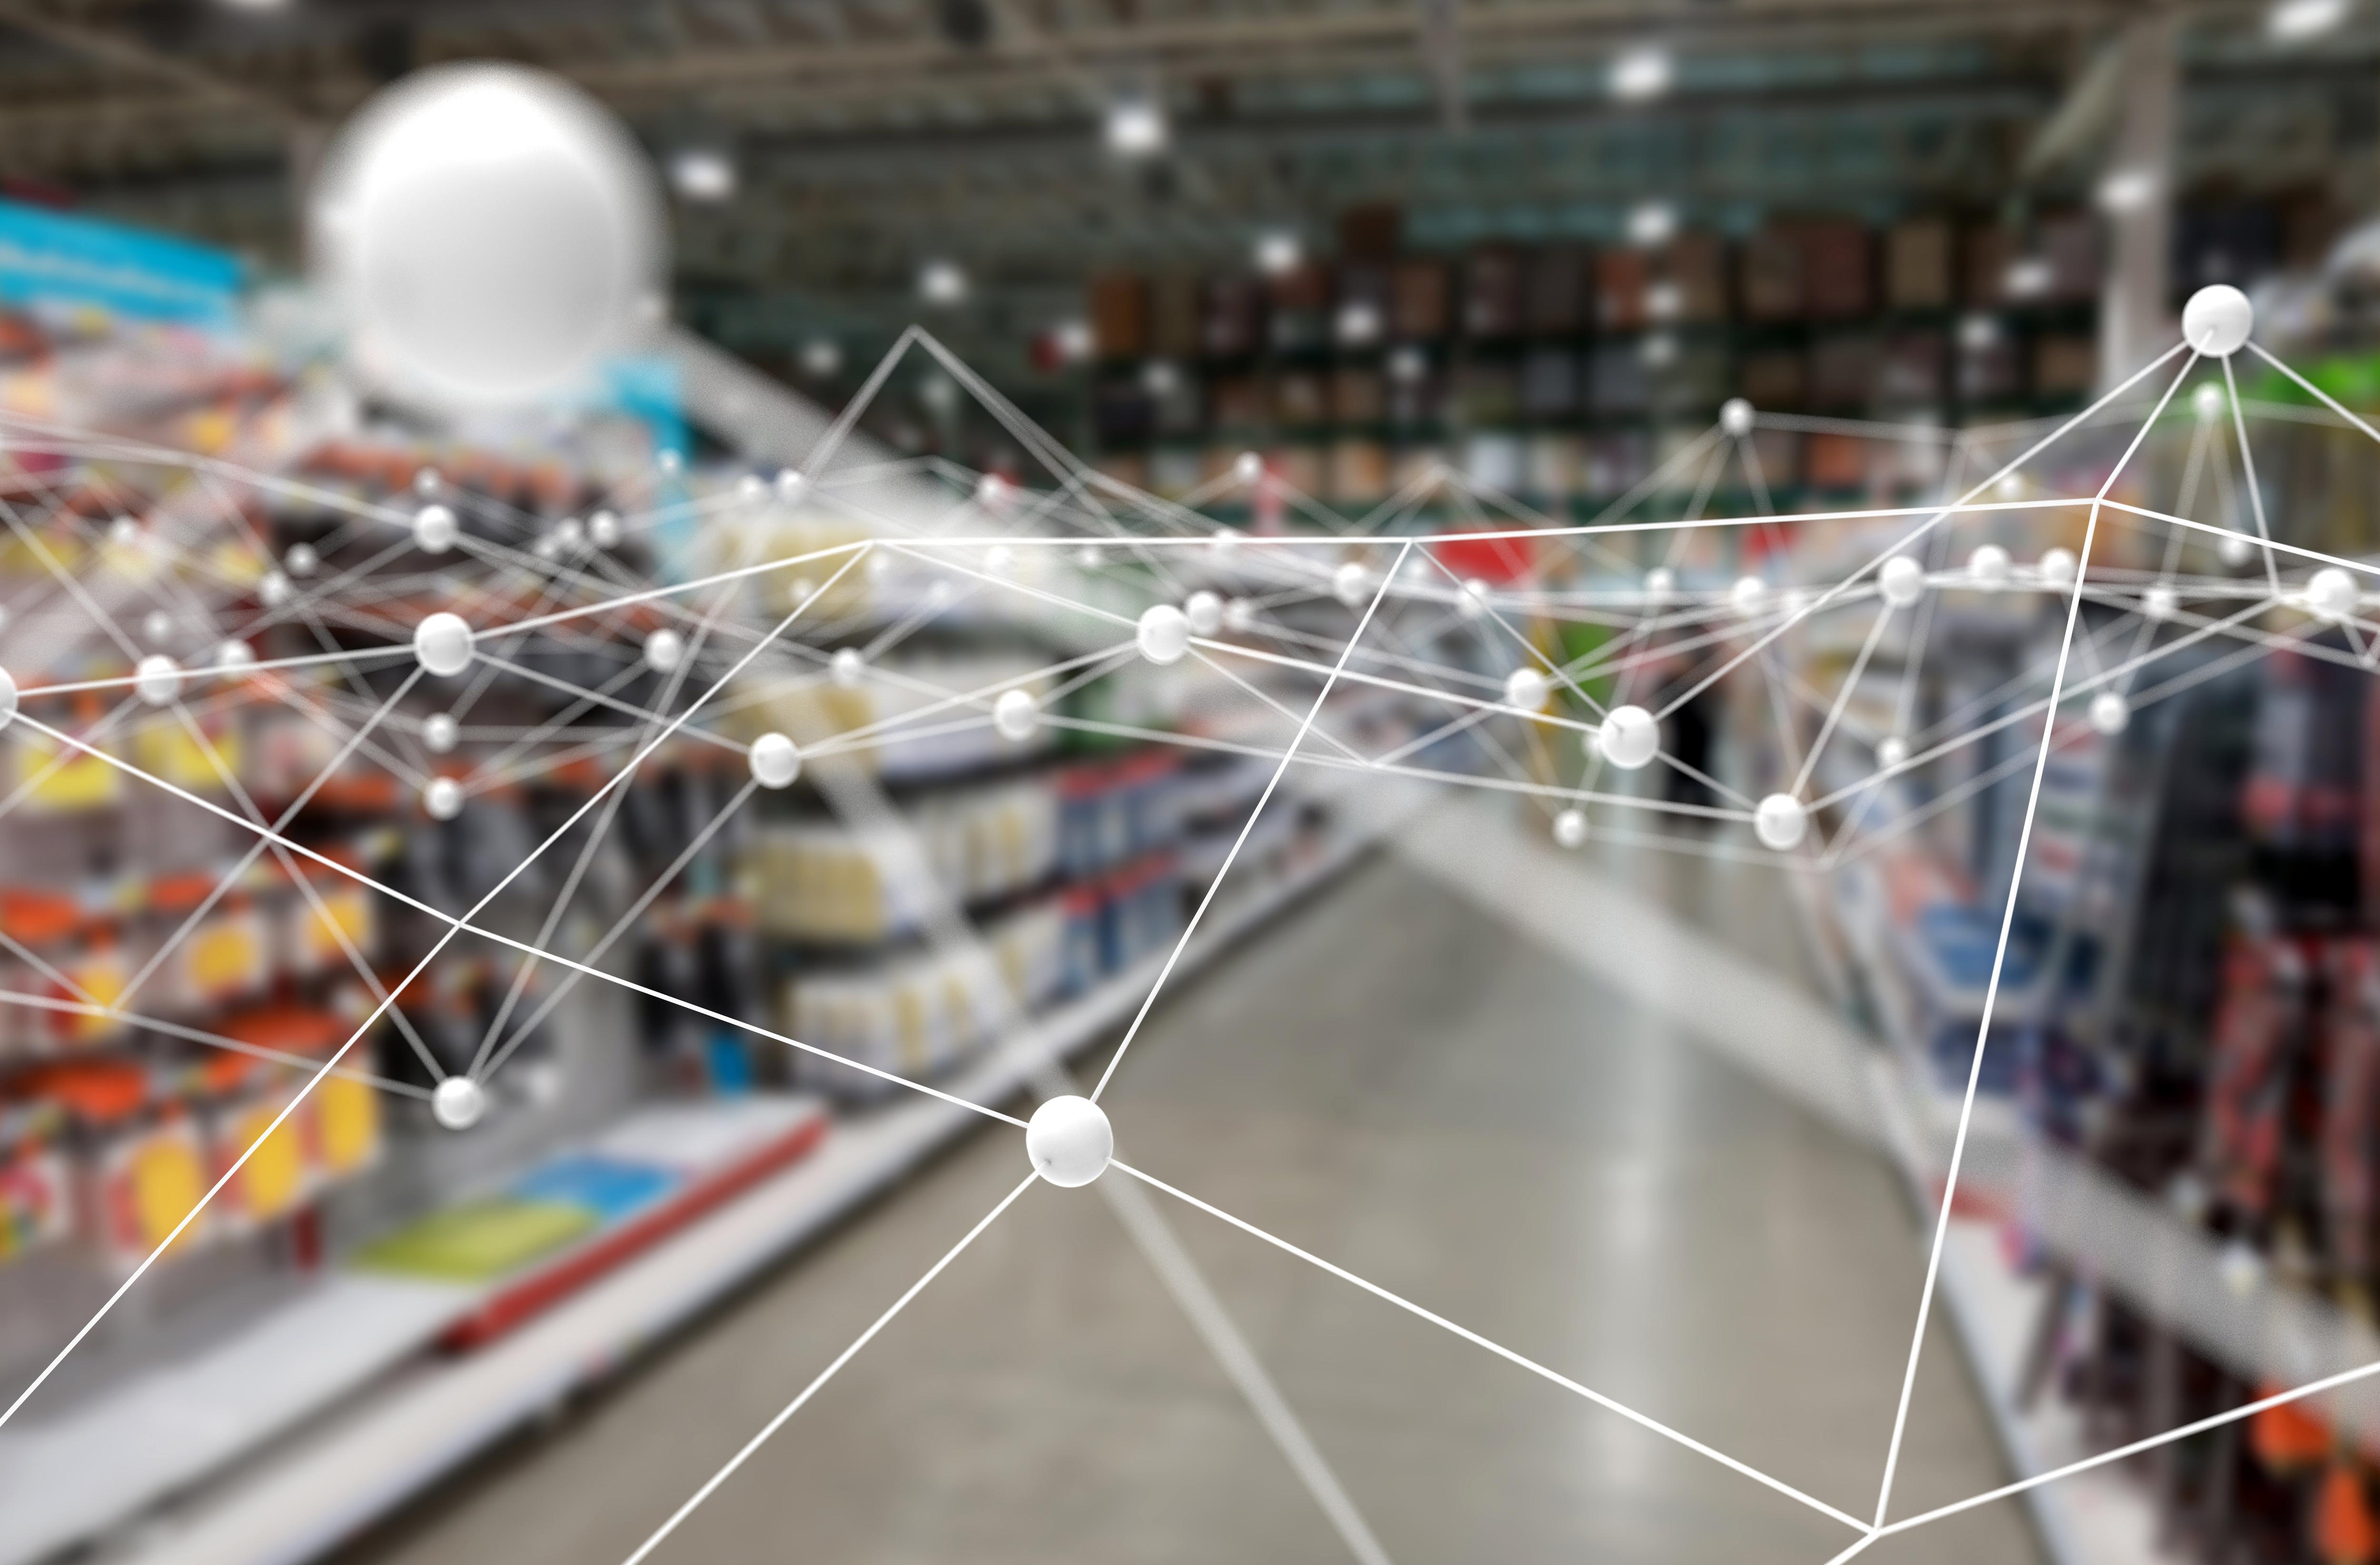 Evolve Store 2.5 de Checkpoint Systems, para controlar las tiendas en tiempo real